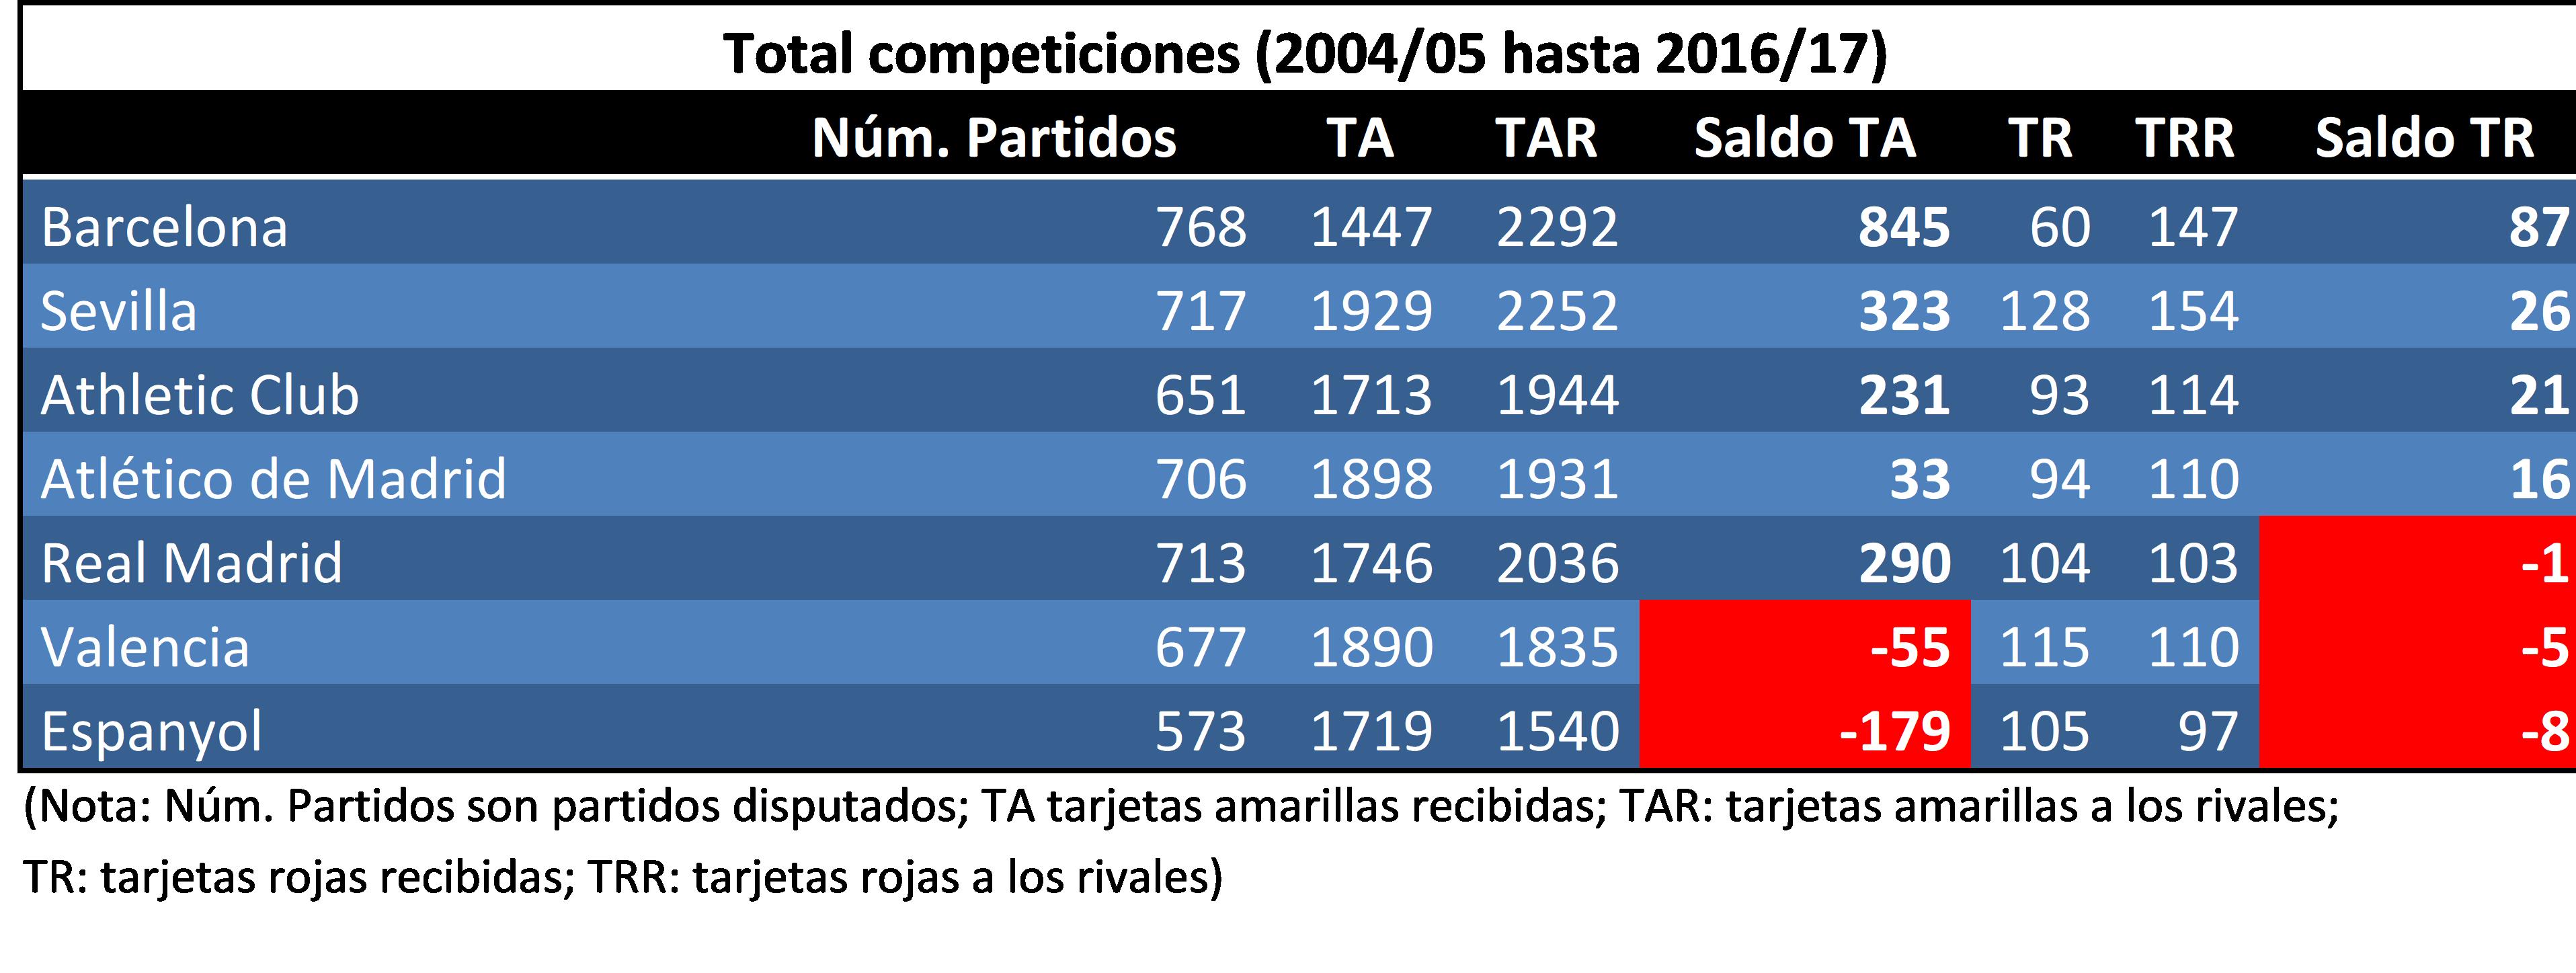 Comparativa en todas las competiciones, de varios equipos españoles, desde 2004/05 a 2016/17